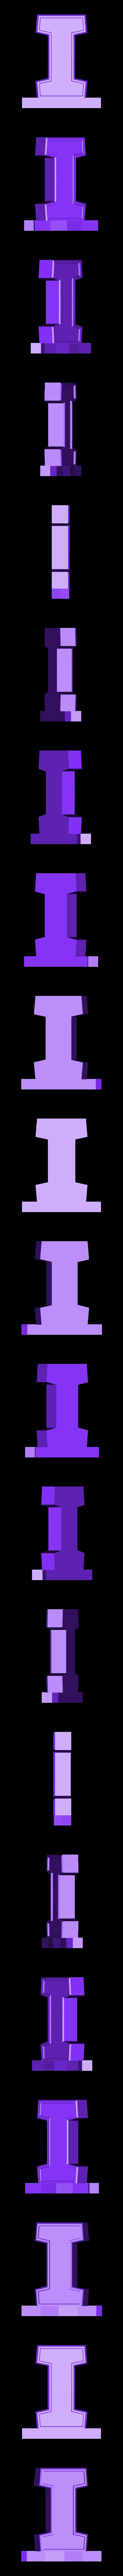 Stocking_hangers_I.stl Télécharger fichier STL gratuit Cintres de bas de parapet • Objet pour imprimante 3D, tone001